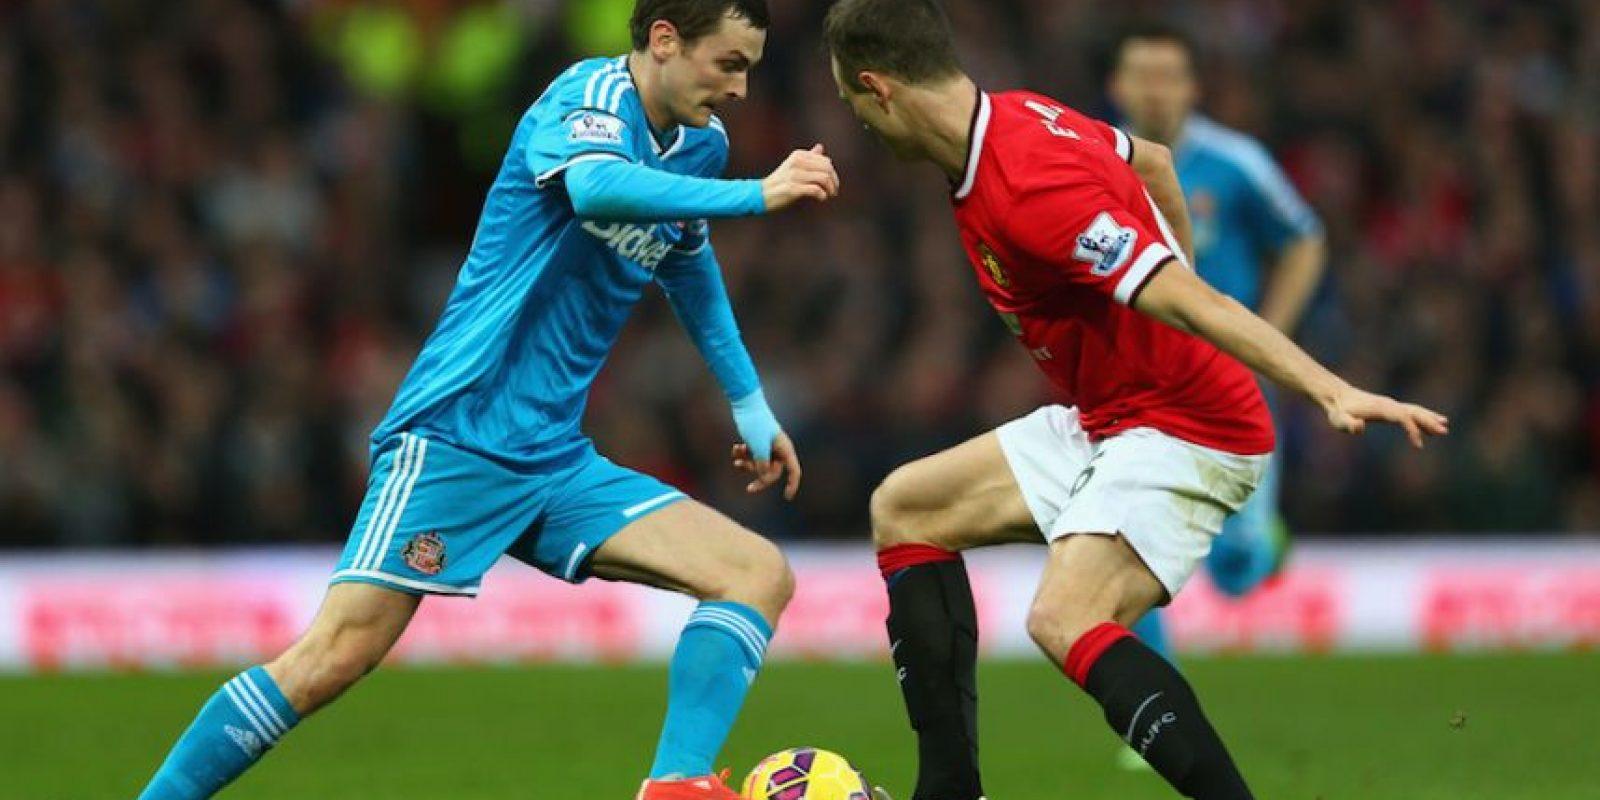 Adam supera la marca de Evans en un partido ante el Manchester United. Foto:Getty Images